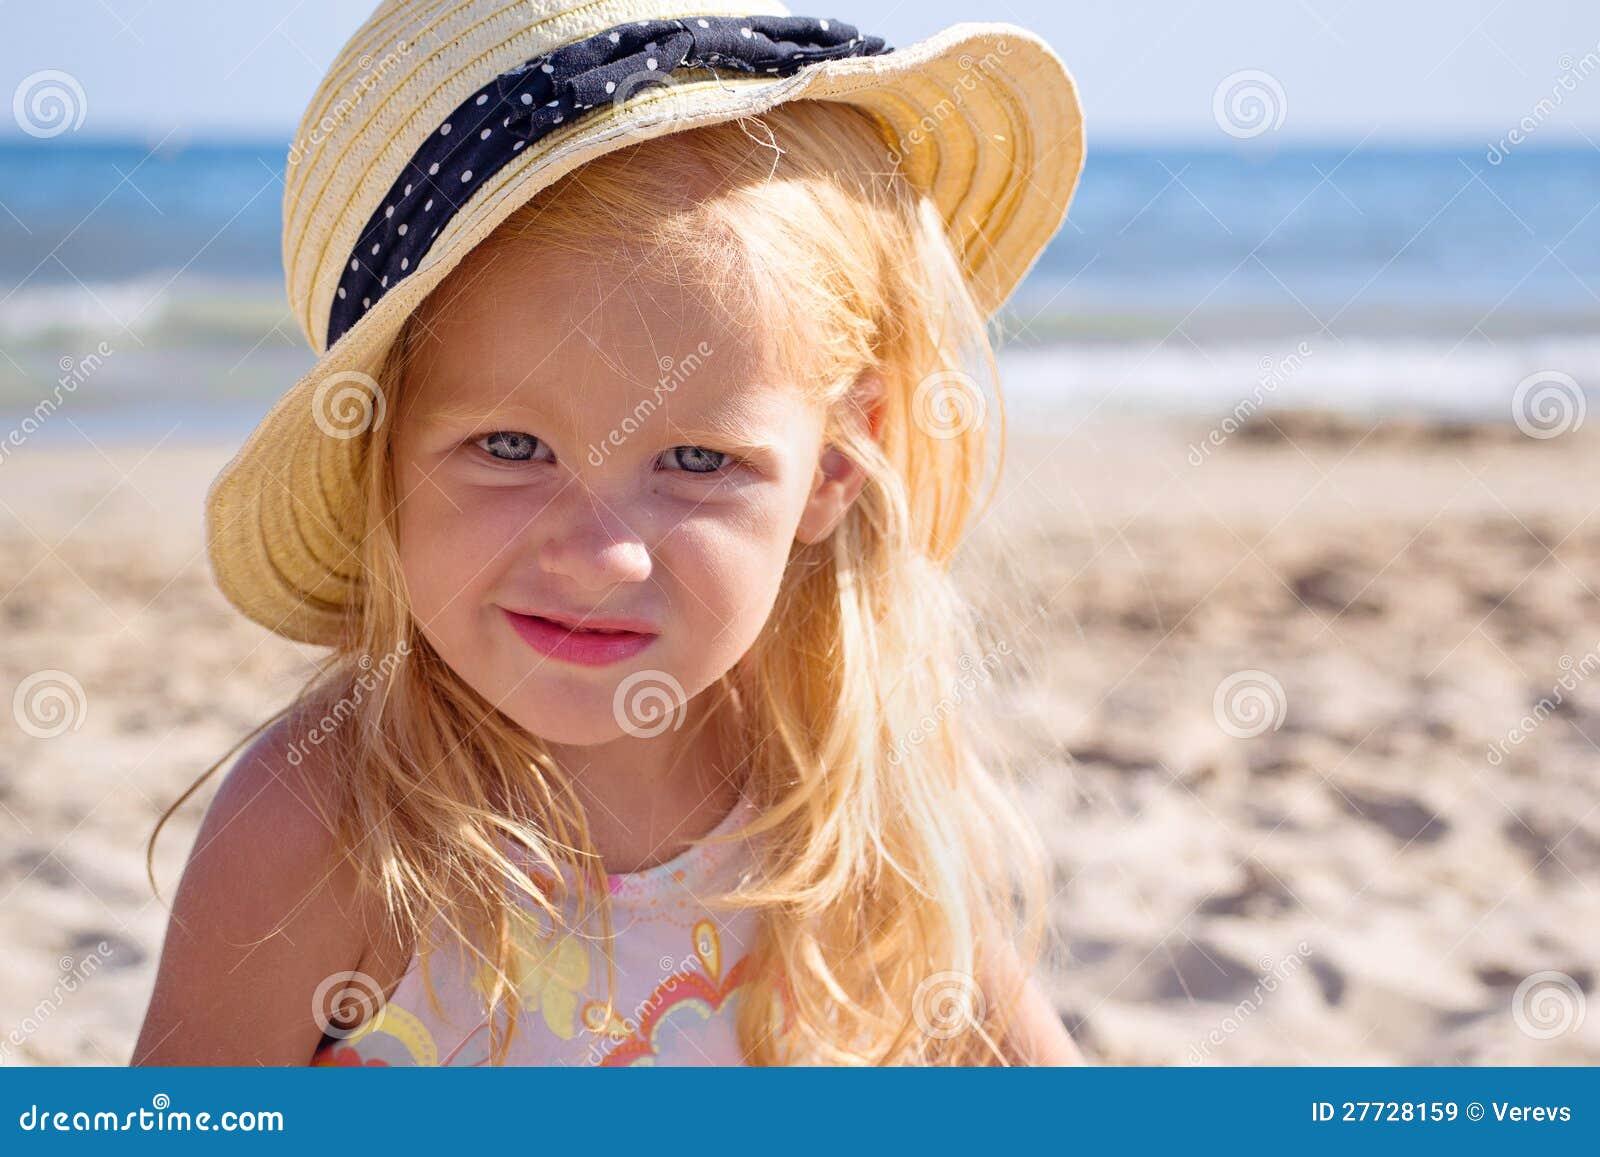 Mädchen auf dem Strand, der einen Hut trägt